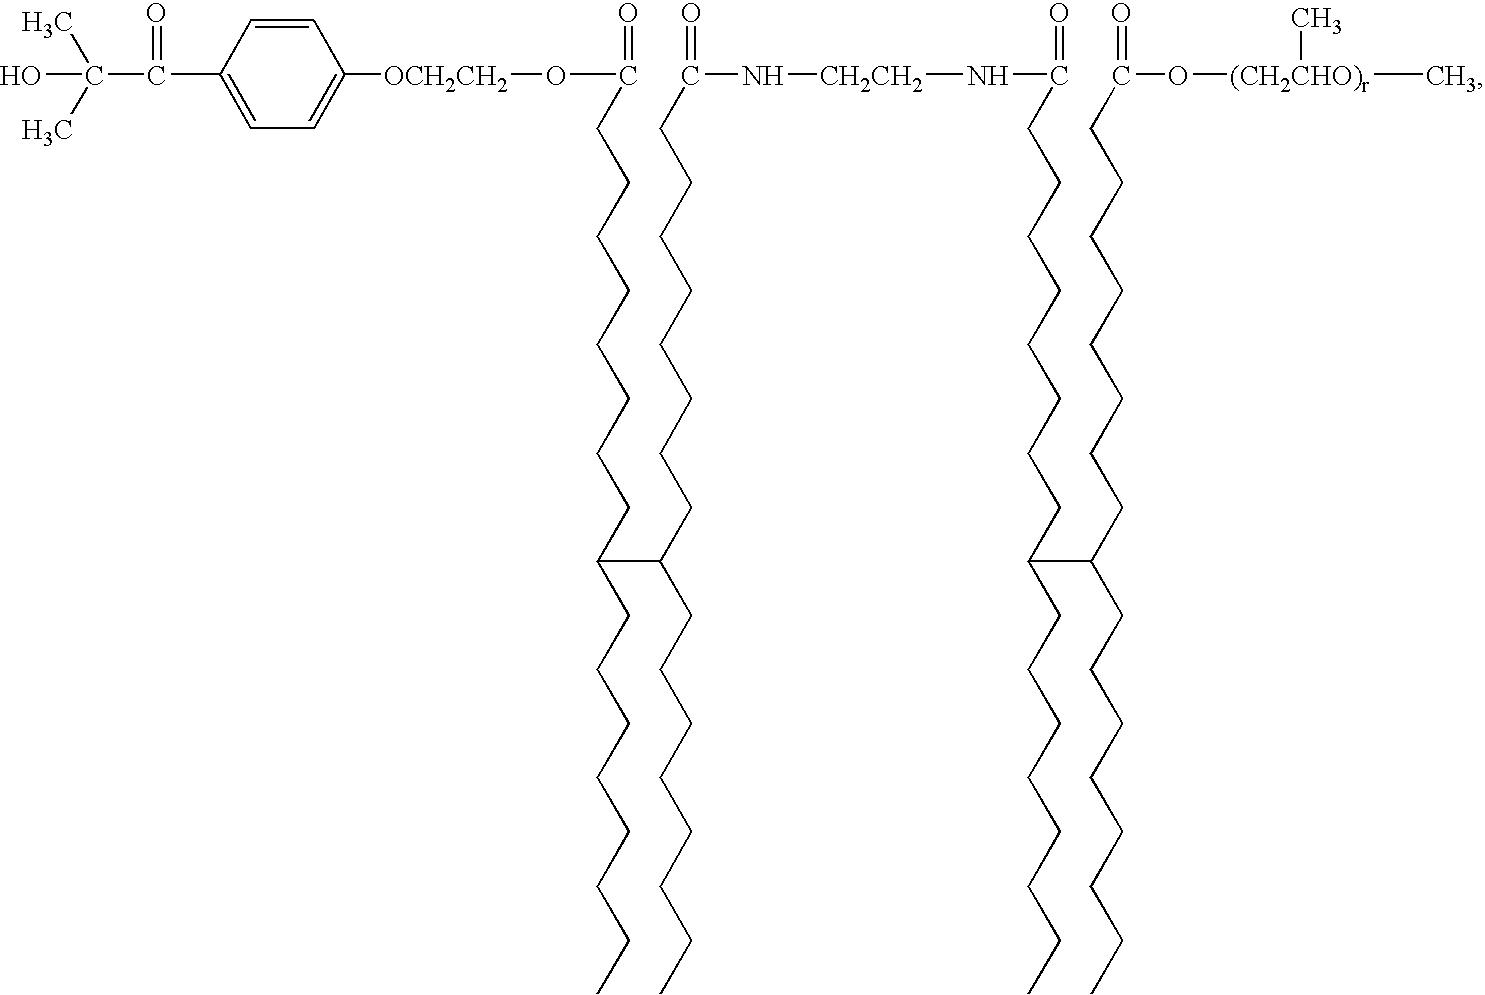 Figure US07279587-20071009-C00030